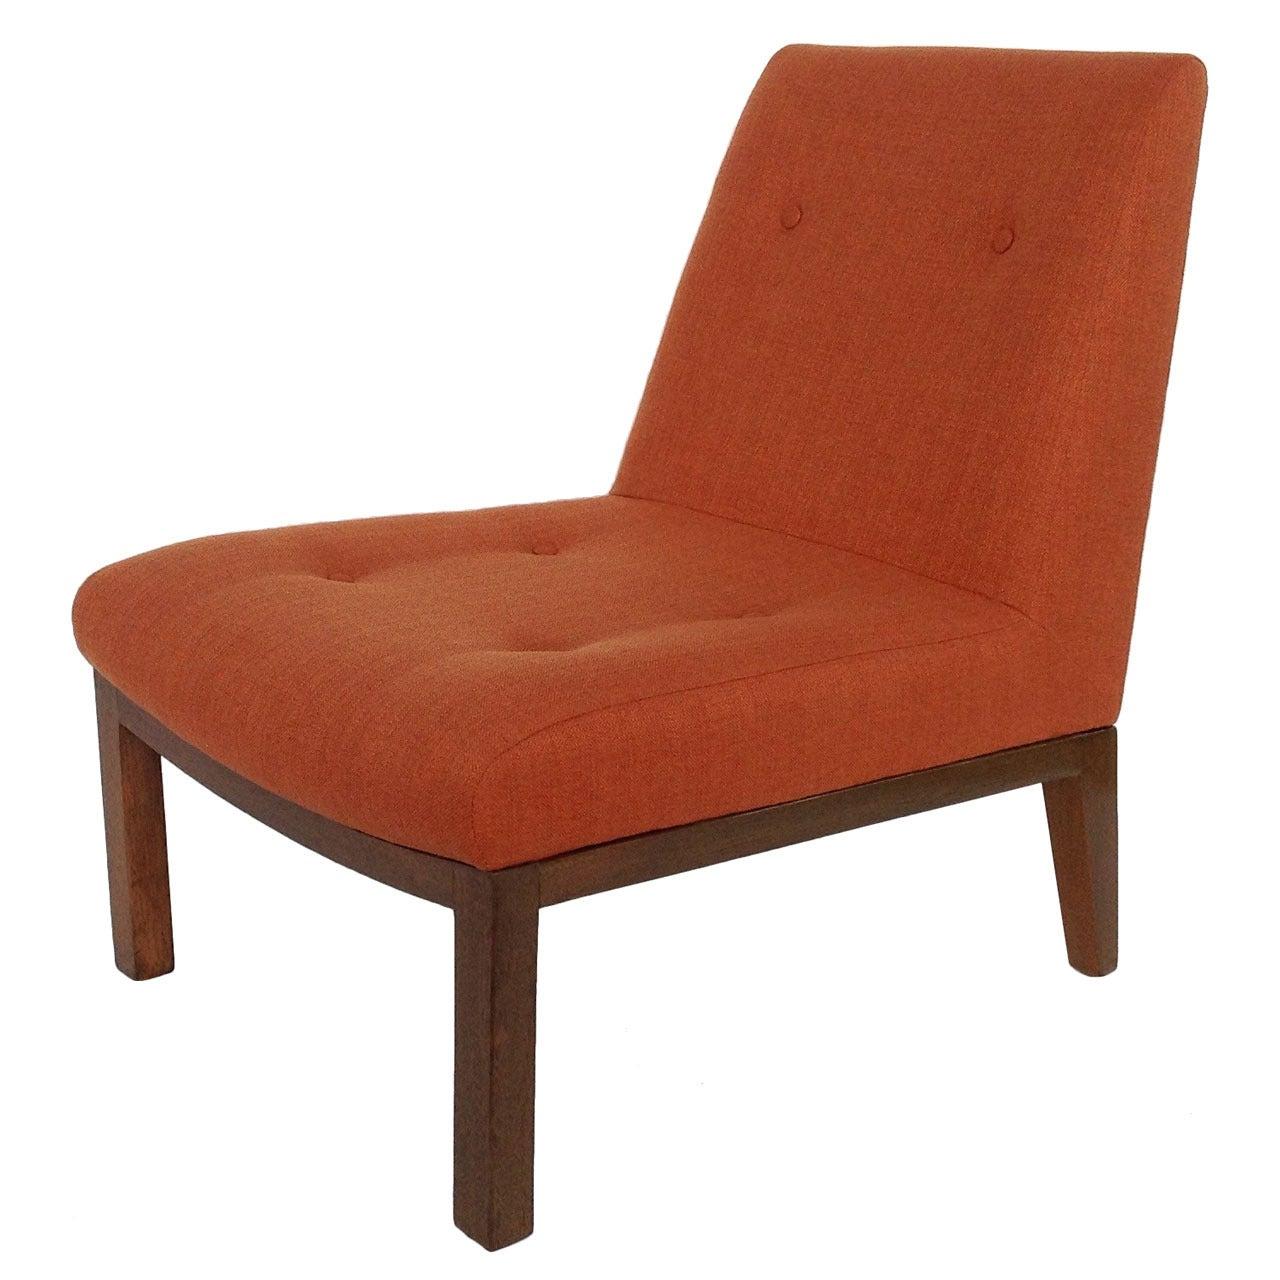 Slipper Chair by Edward Wormley for Dunbar